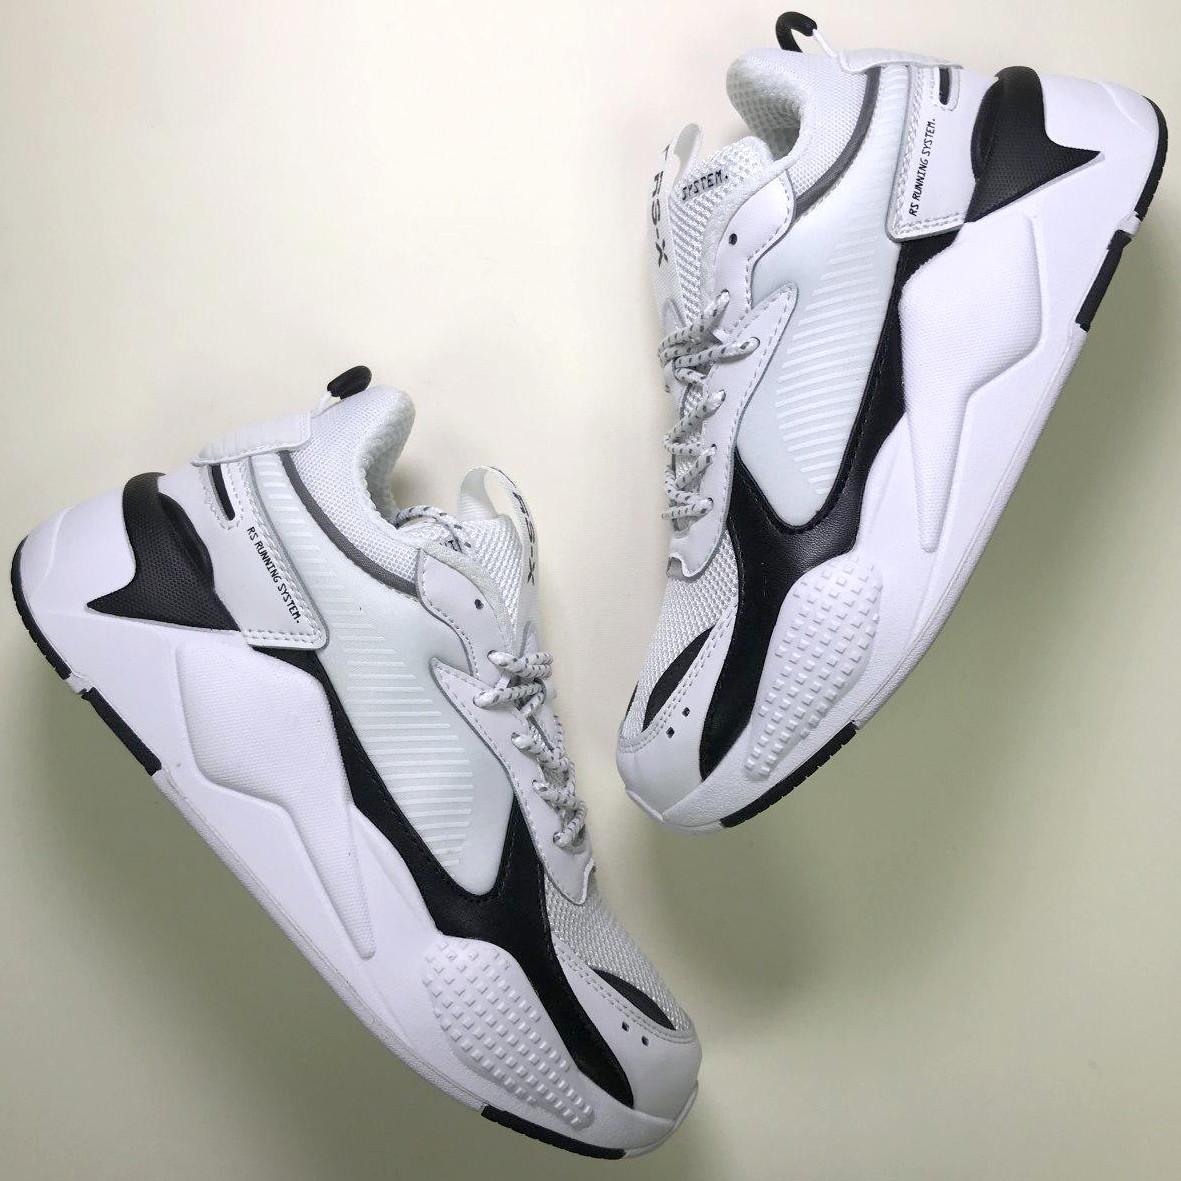 Кроссовки мужские Puma Rs-x Reinvention белые-черные (Top replic)